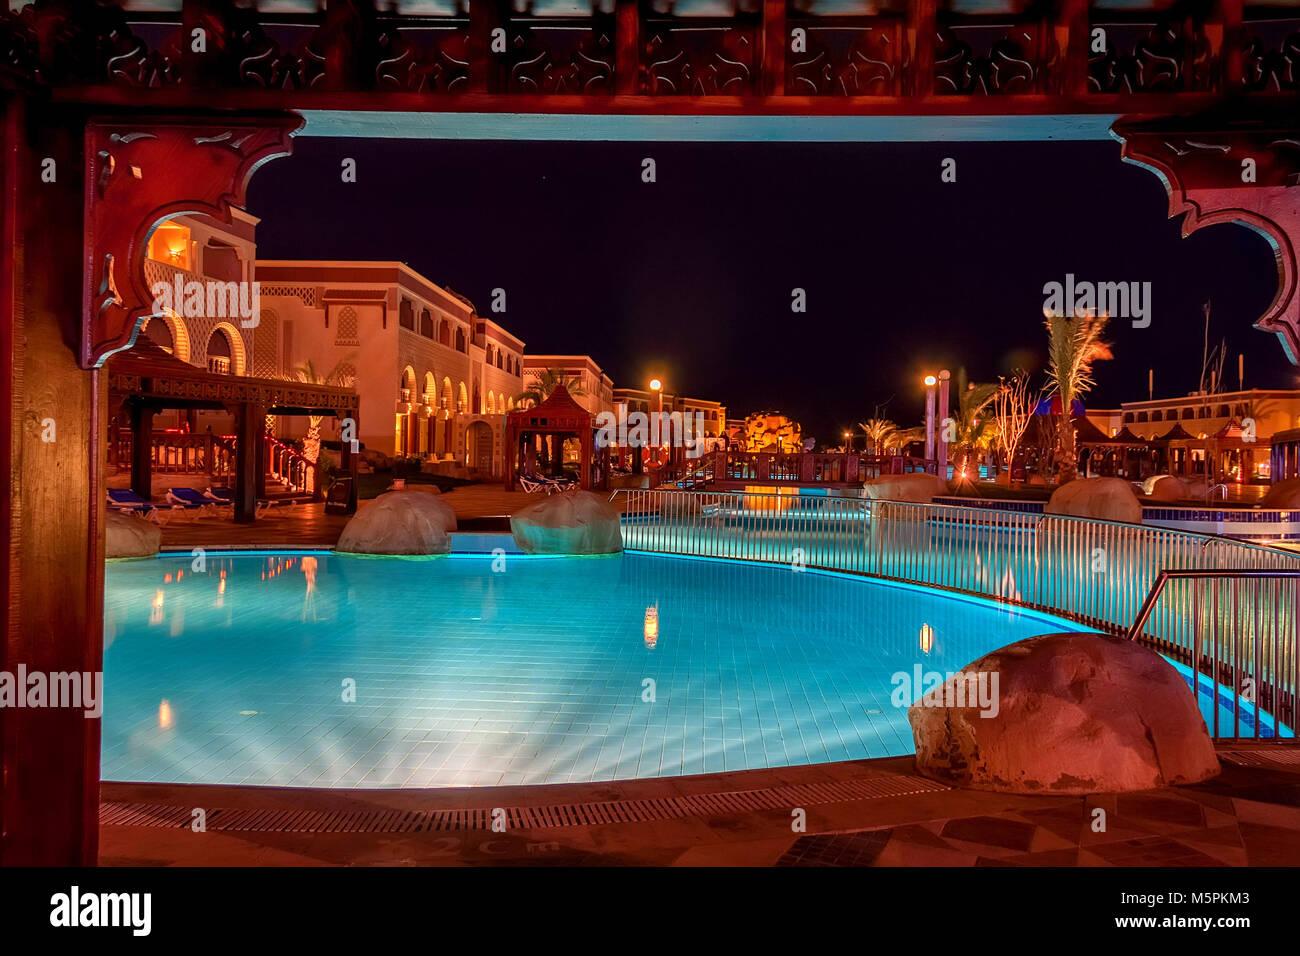 Pool Lounge Bar Stockfotos & Pool Lounge Bar Bilder - Alamy